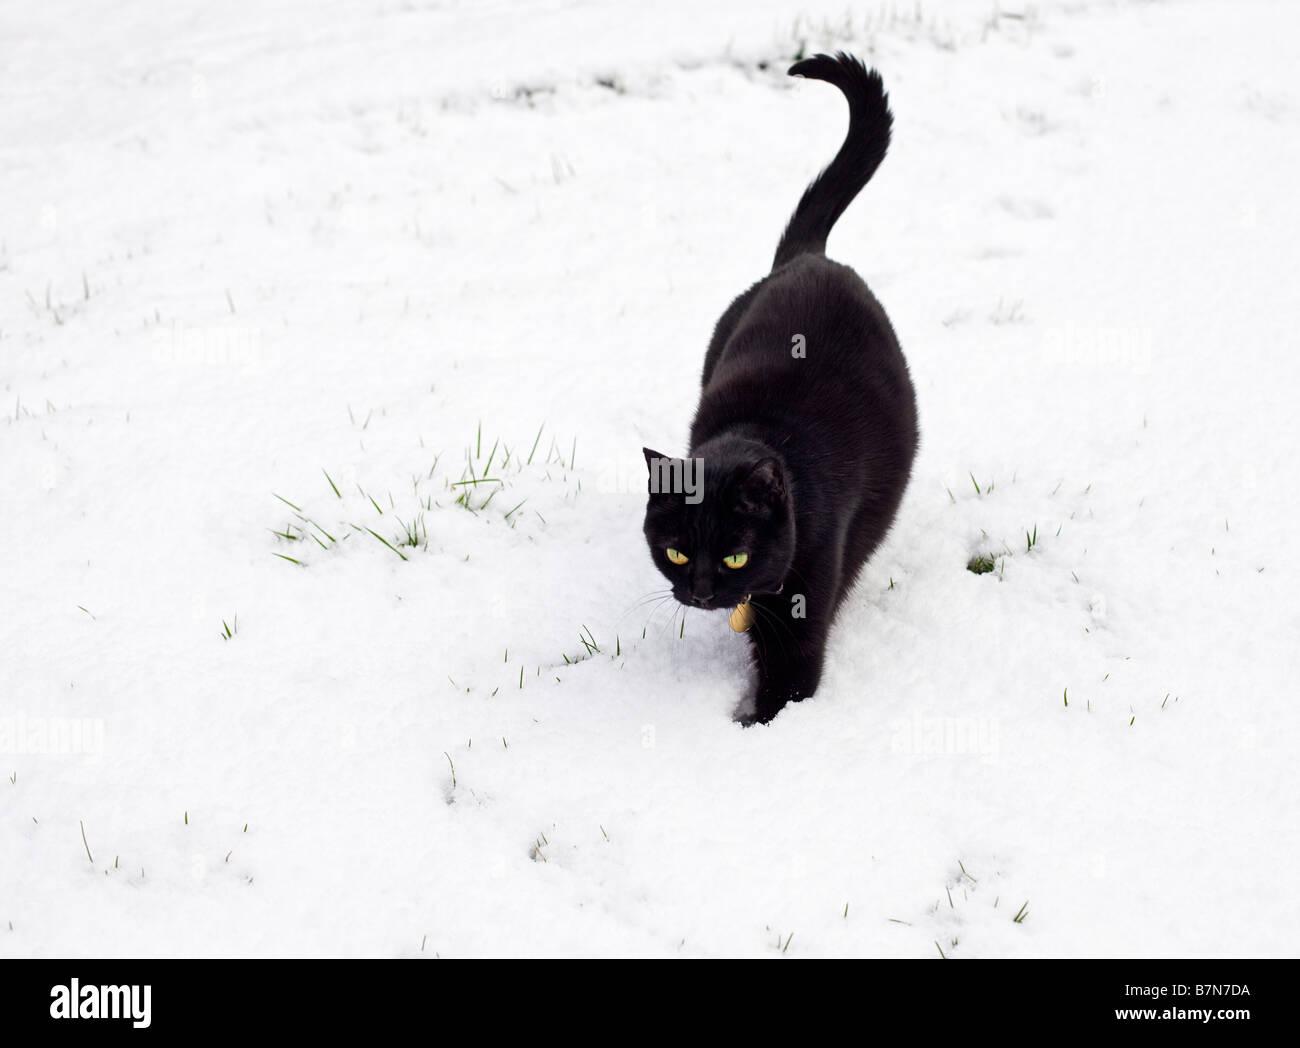 Gatto nero passeggiate all'aperto in profondo neve invernale PR Immagini Stock